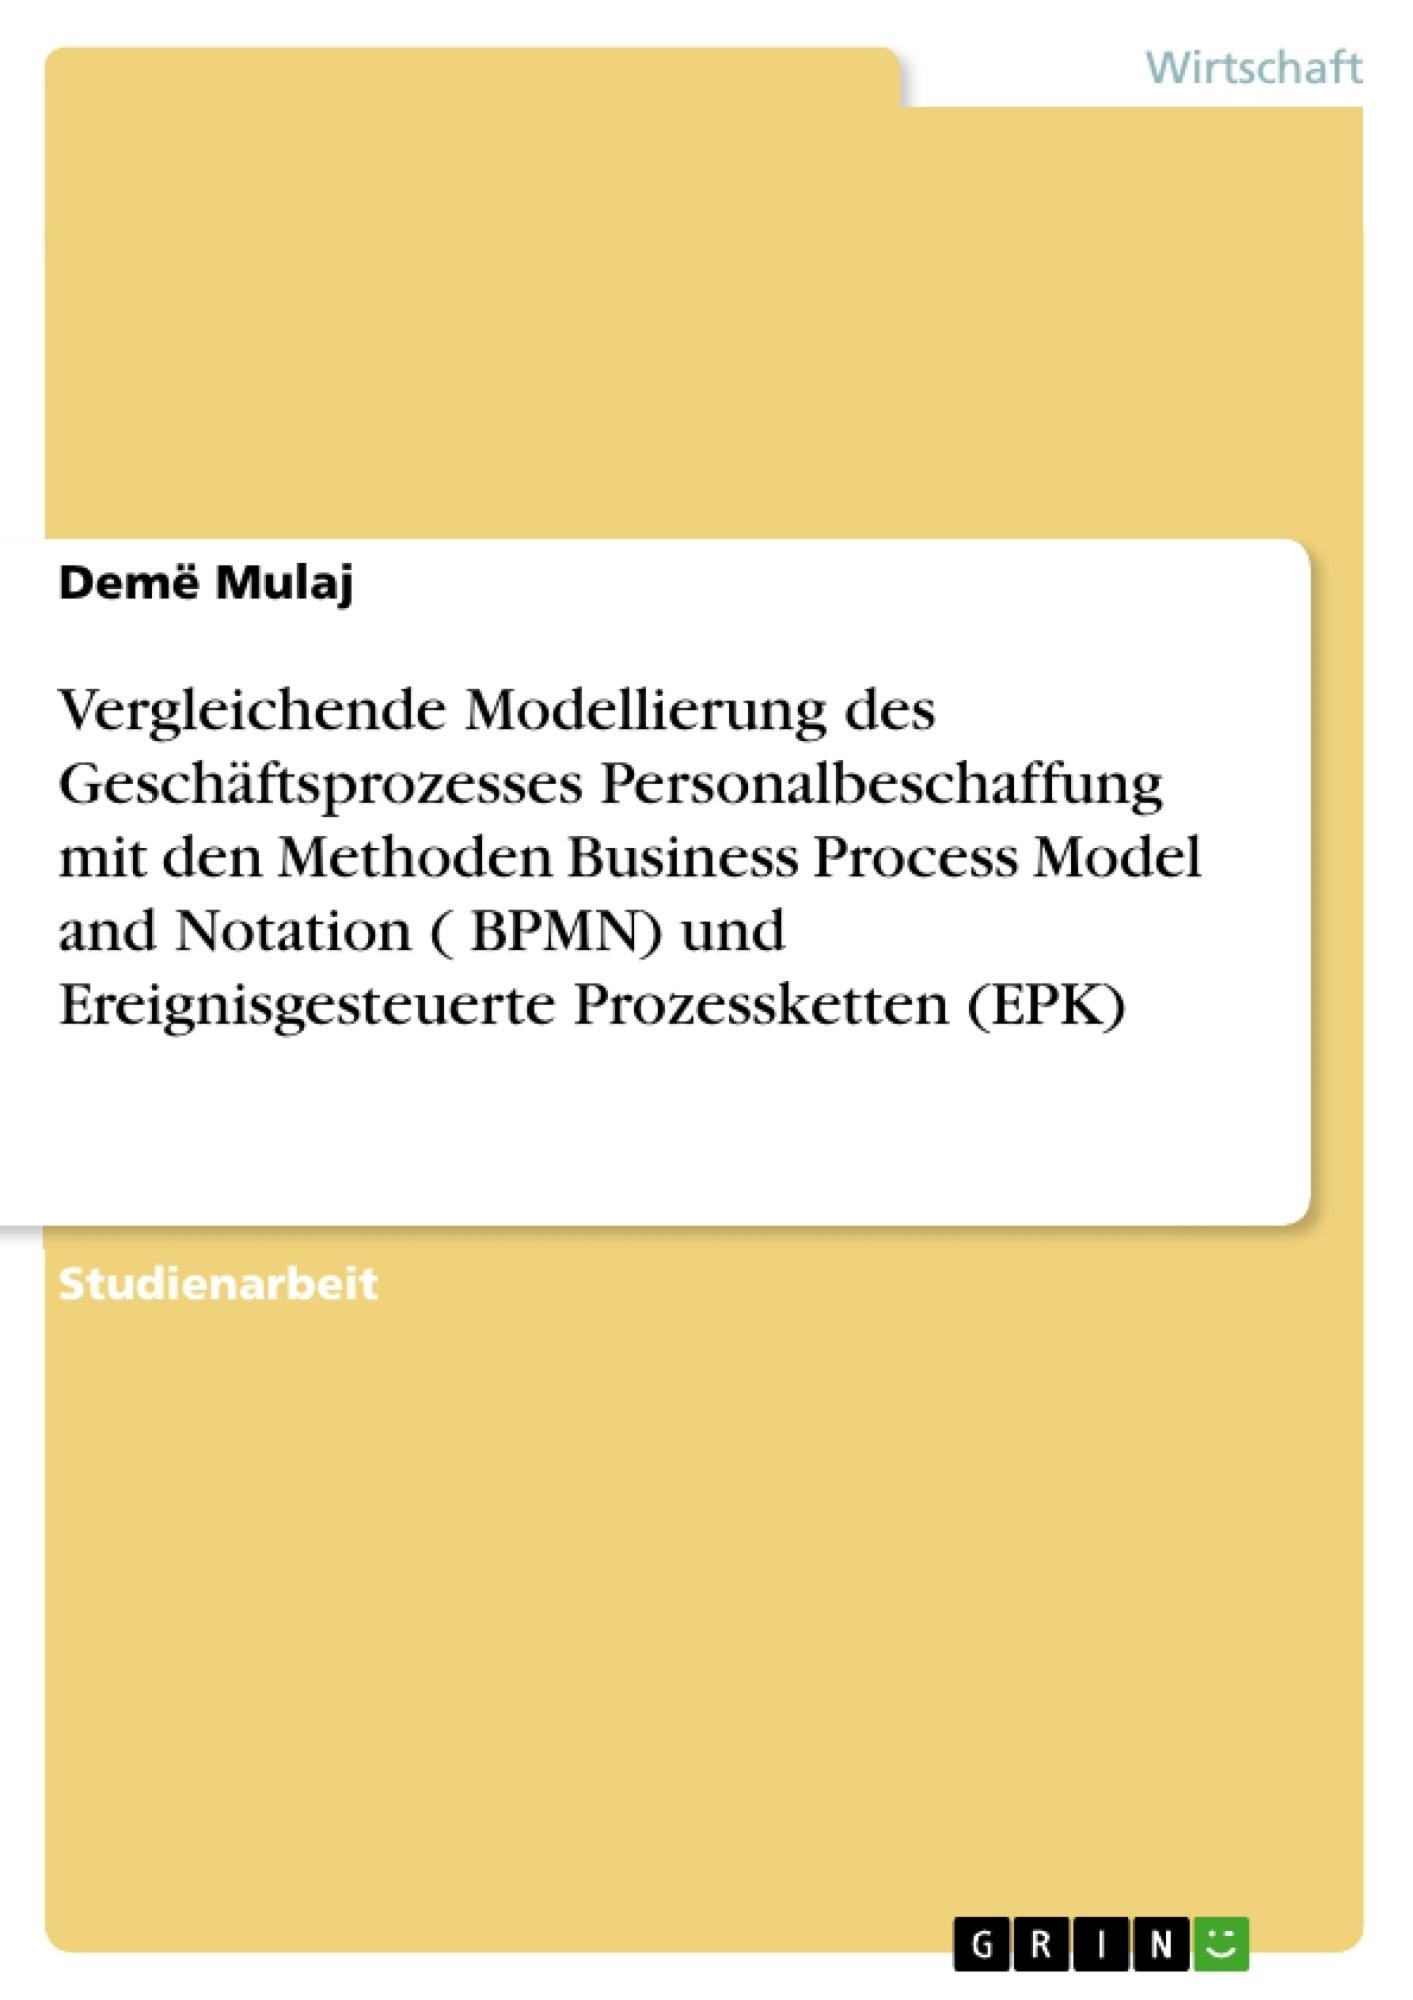 Titel: Vergleichende Modellierung des Geschäftsprozesses Personalbeschaffung mit den Methoden Business Process Model and Notation ( BPMN) und  Ereignisgesteuerte Prozessketten  (EPK)